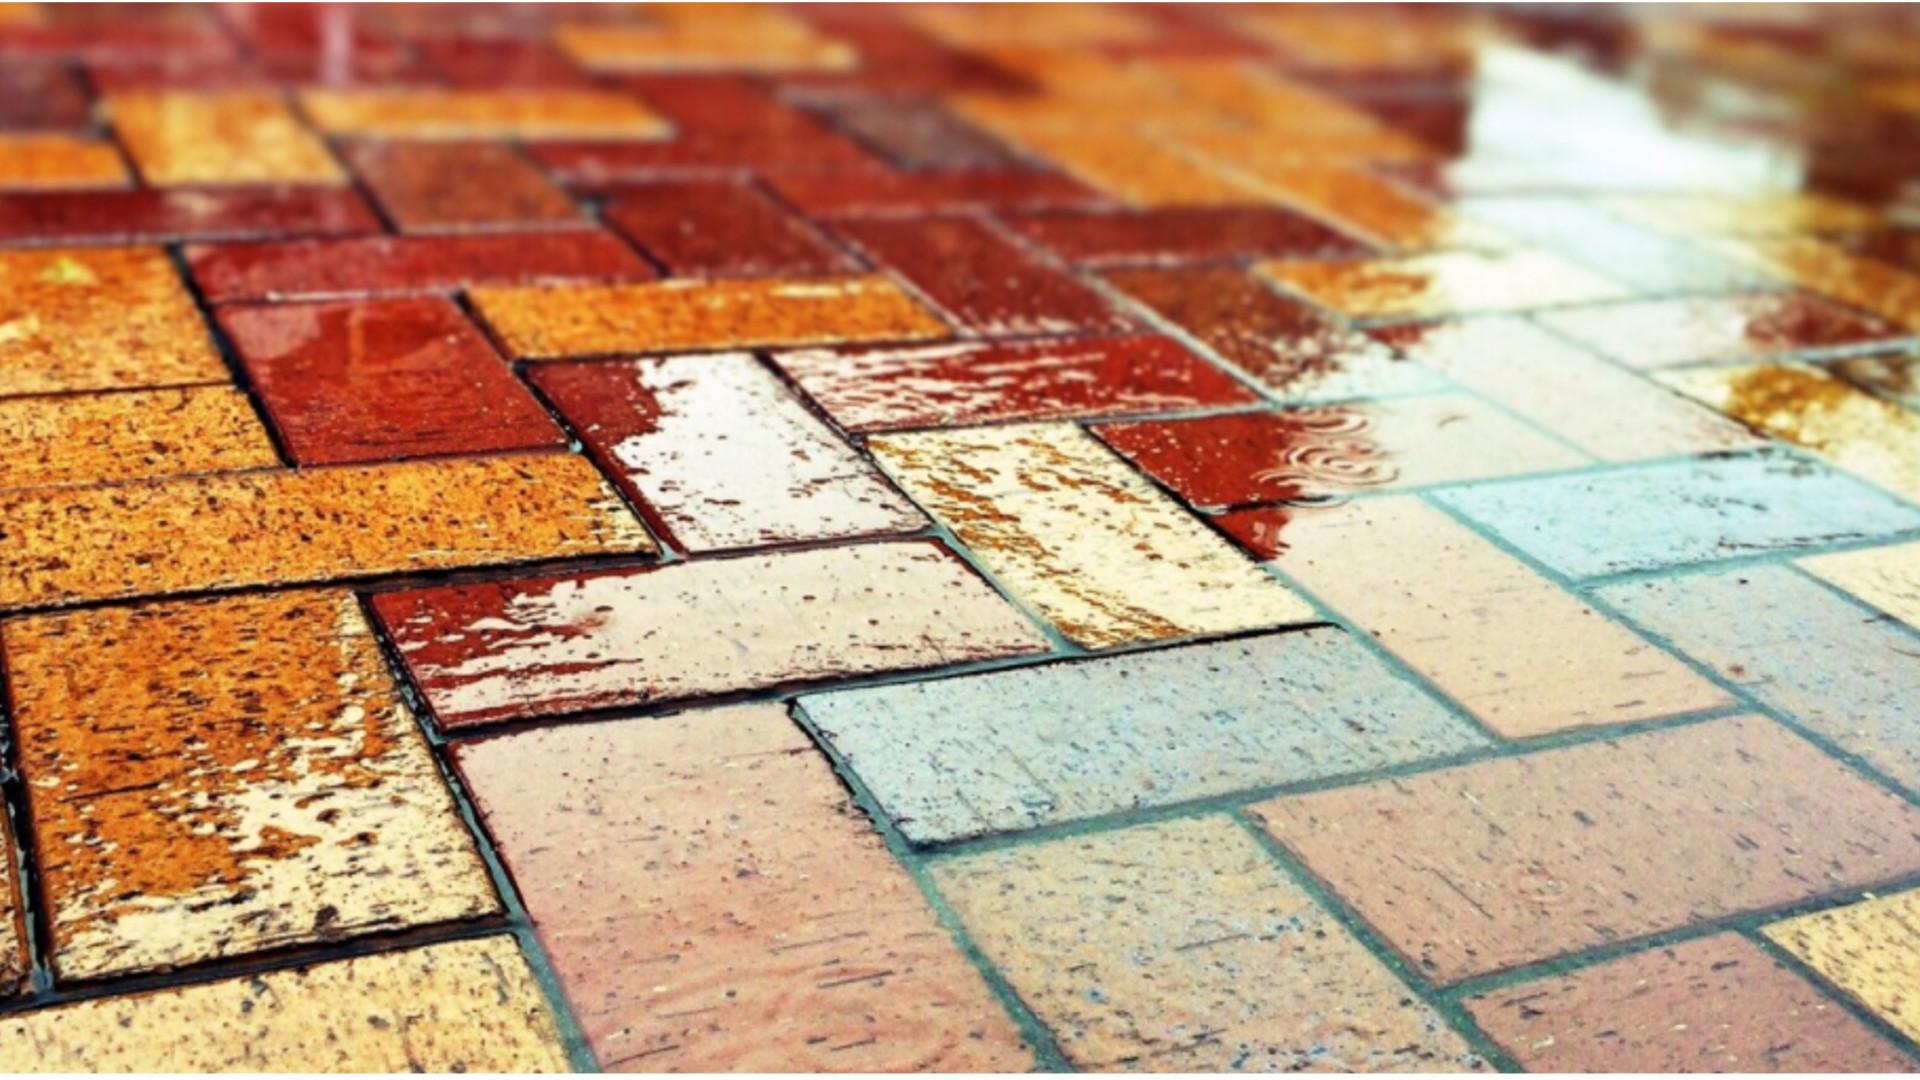 Mantener limpios los suelos de ladrillo1920